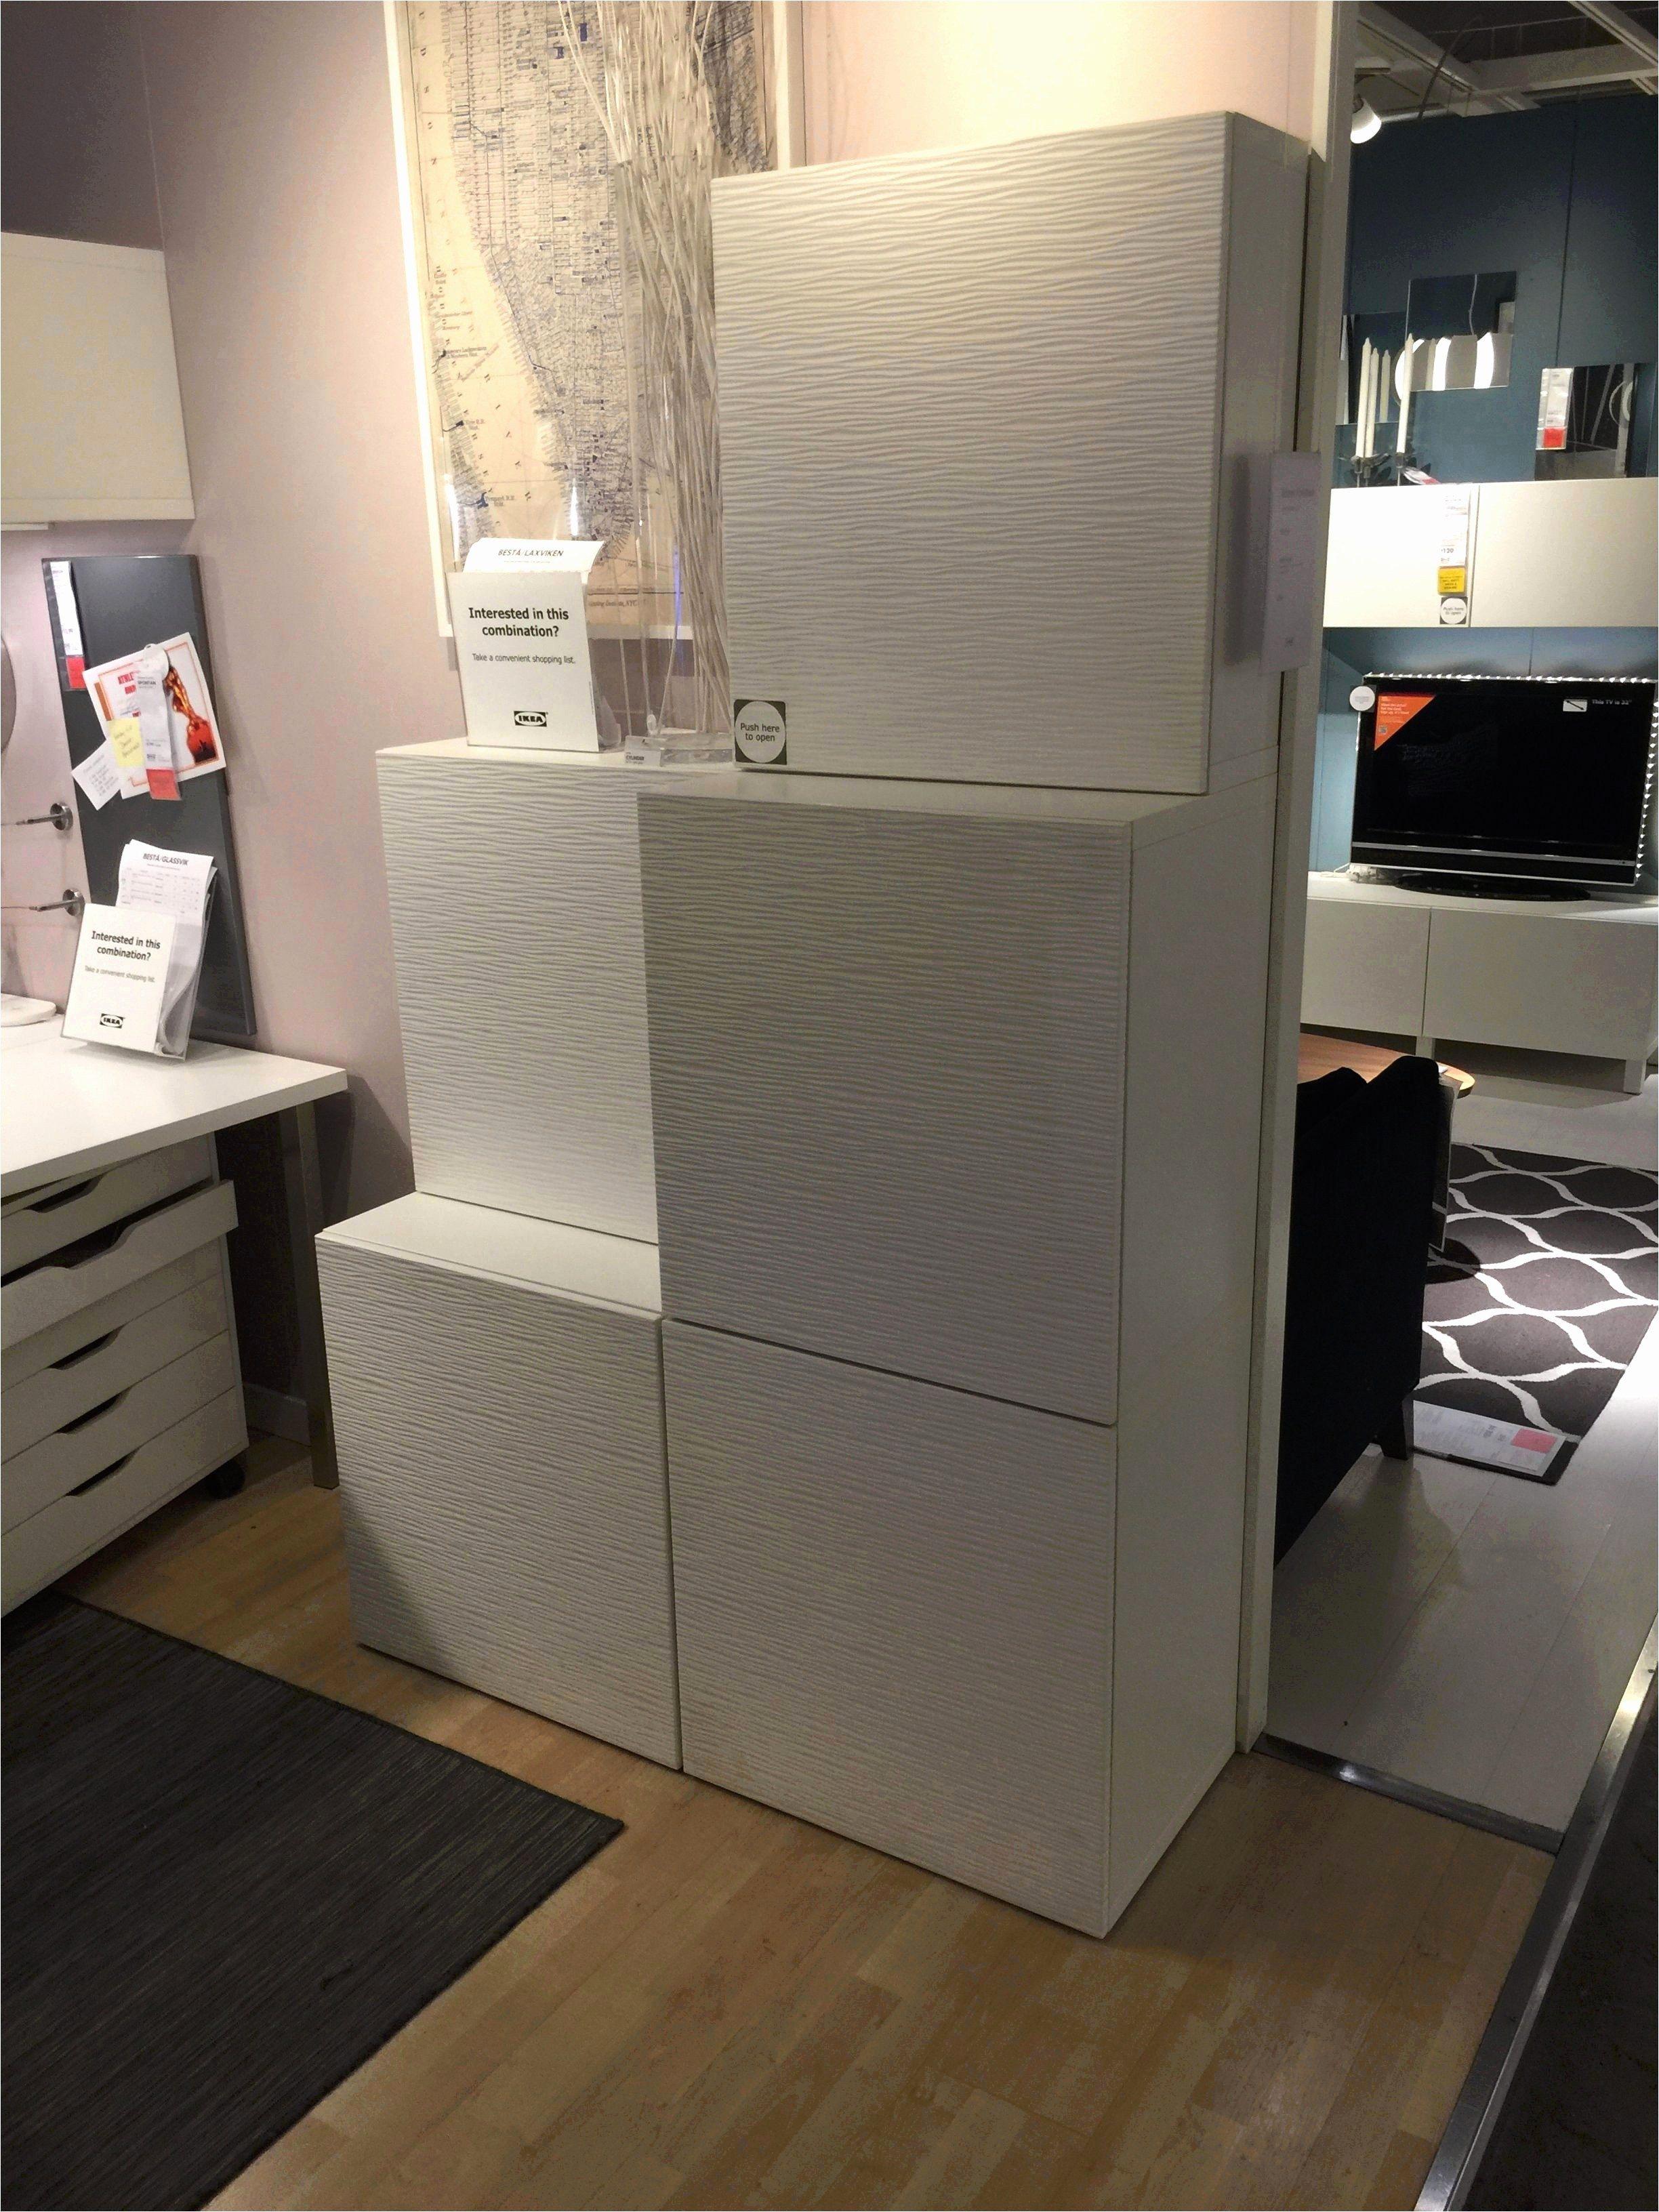 Lit Gigogne Ikea Élégant Lit Escamotable Plafond Ikea Génial Luxe élégant Le Meilleur De